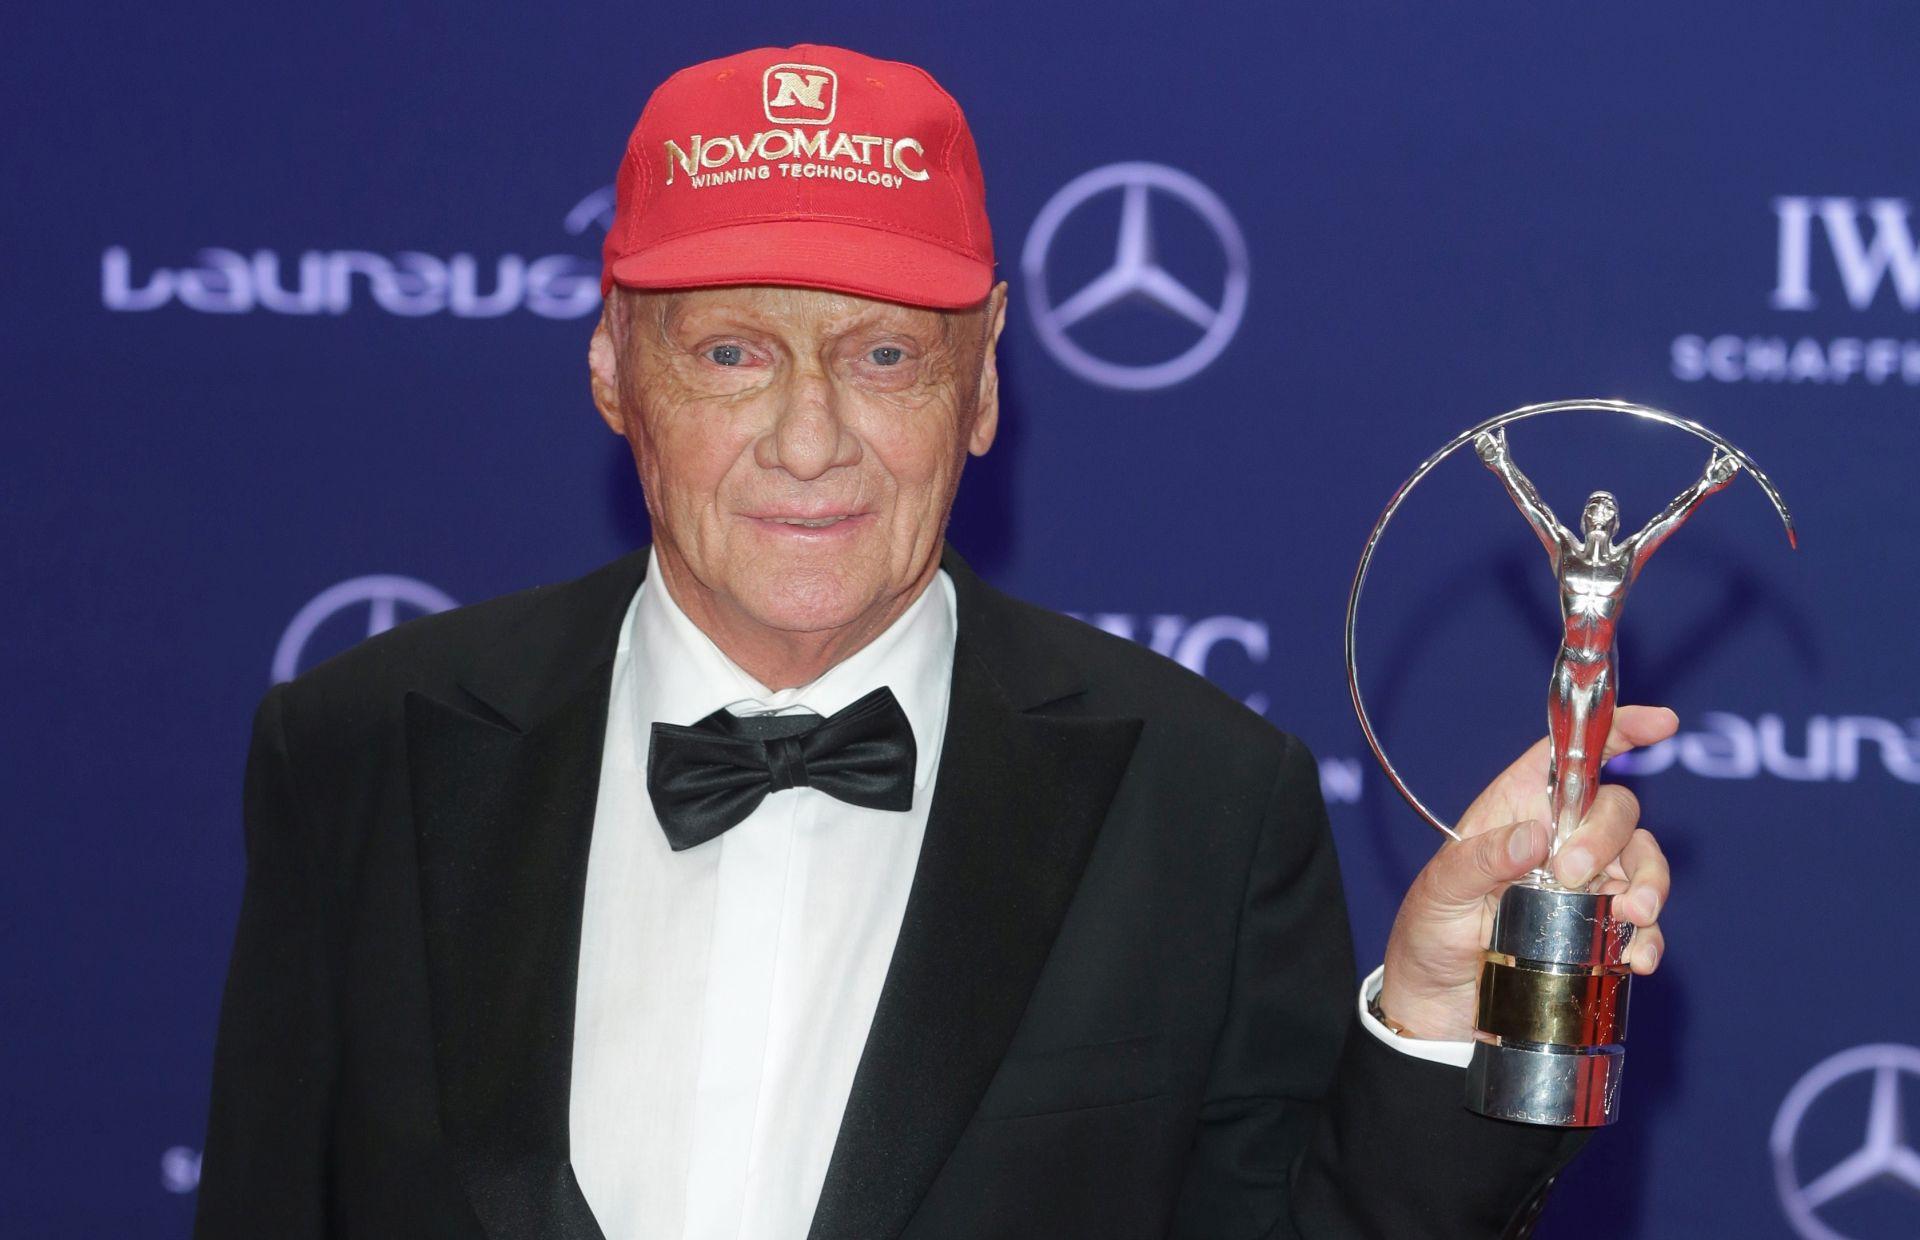 Laureus za Đokovića i Serenu Williams, Laudi nagrada za životno djelo